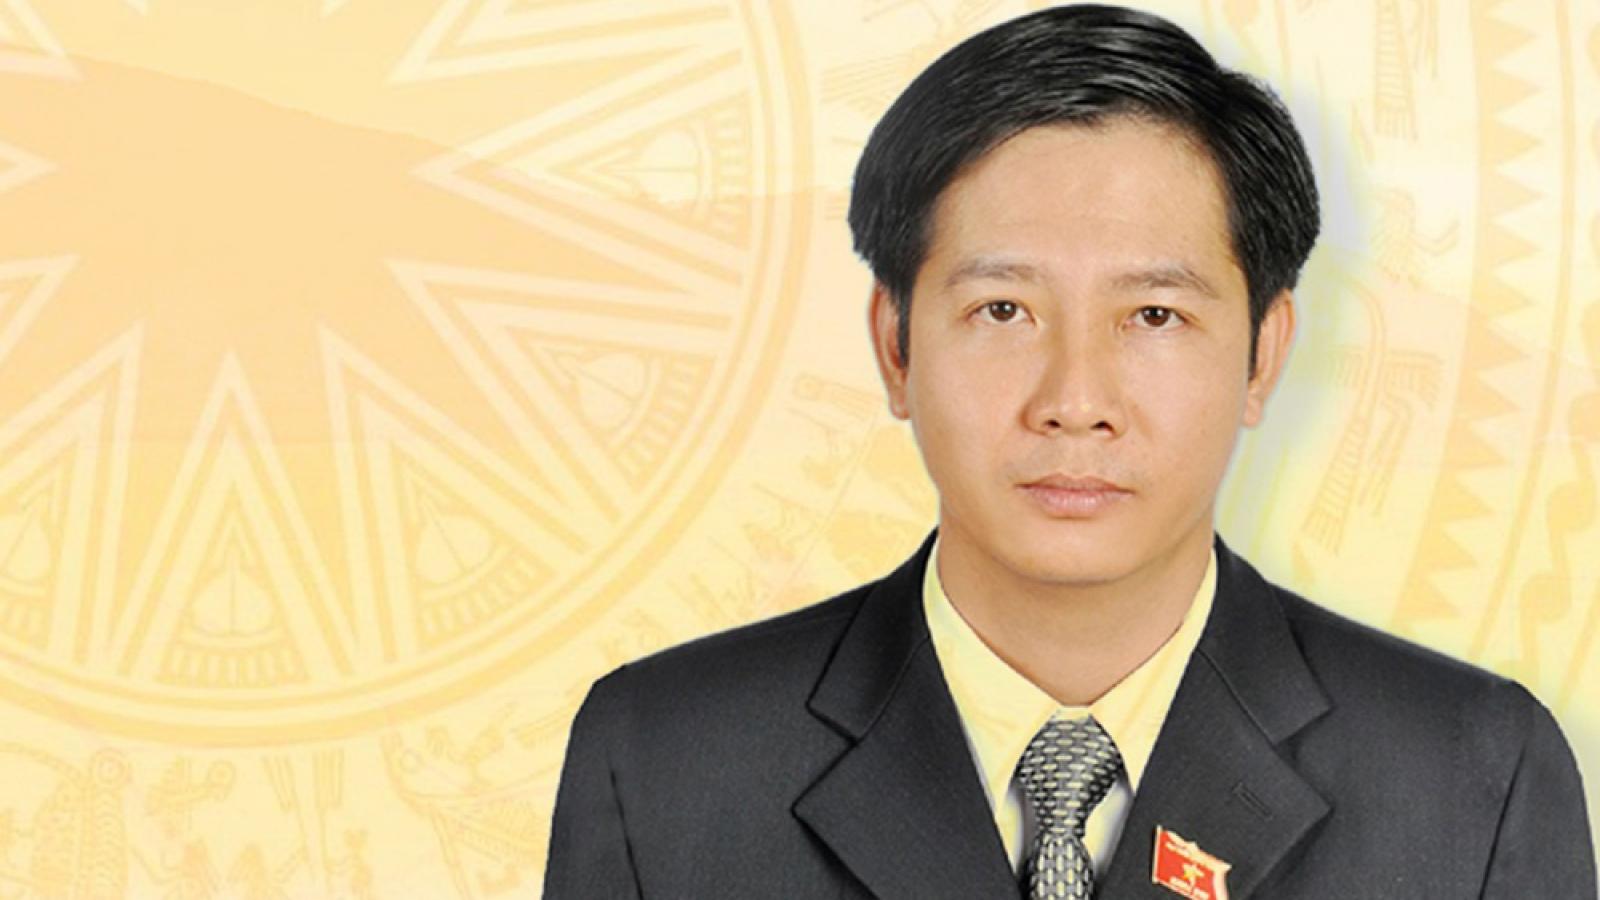 Chân dung tân Bí thư Tỉnh ủy Tây Ninh Nguyễn Thành Tâm